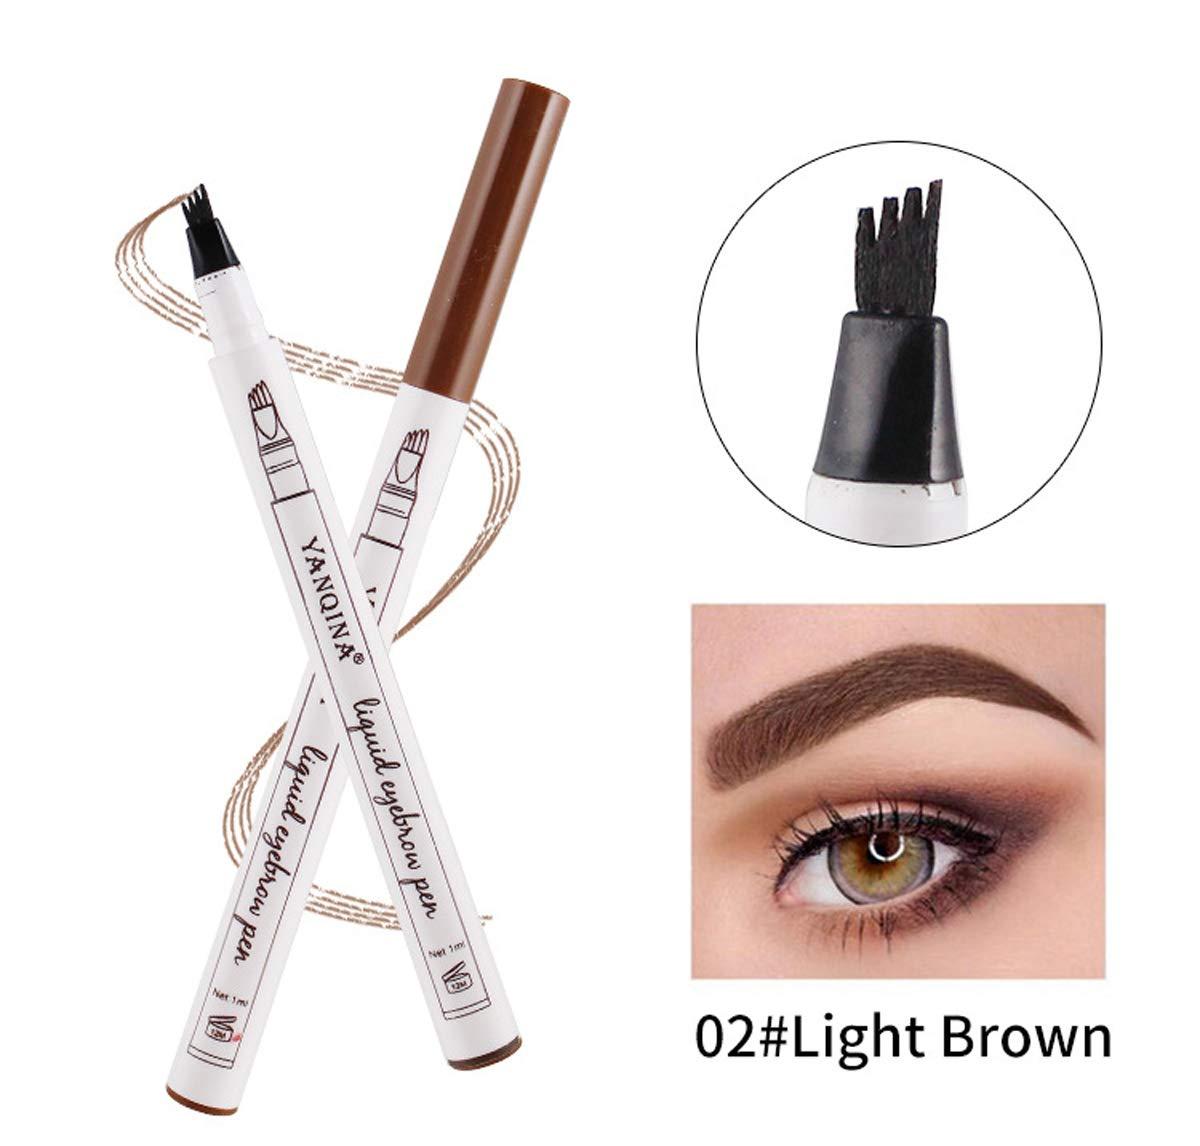 Liquid Tattoo Augenbrauenstift, ASKSA 4 Spitzenpinsel 3D Augenbrauenstift für Augenbrauen Make-up, Wasserdicht, Wischfest (Dunkelbraun) YANQINA